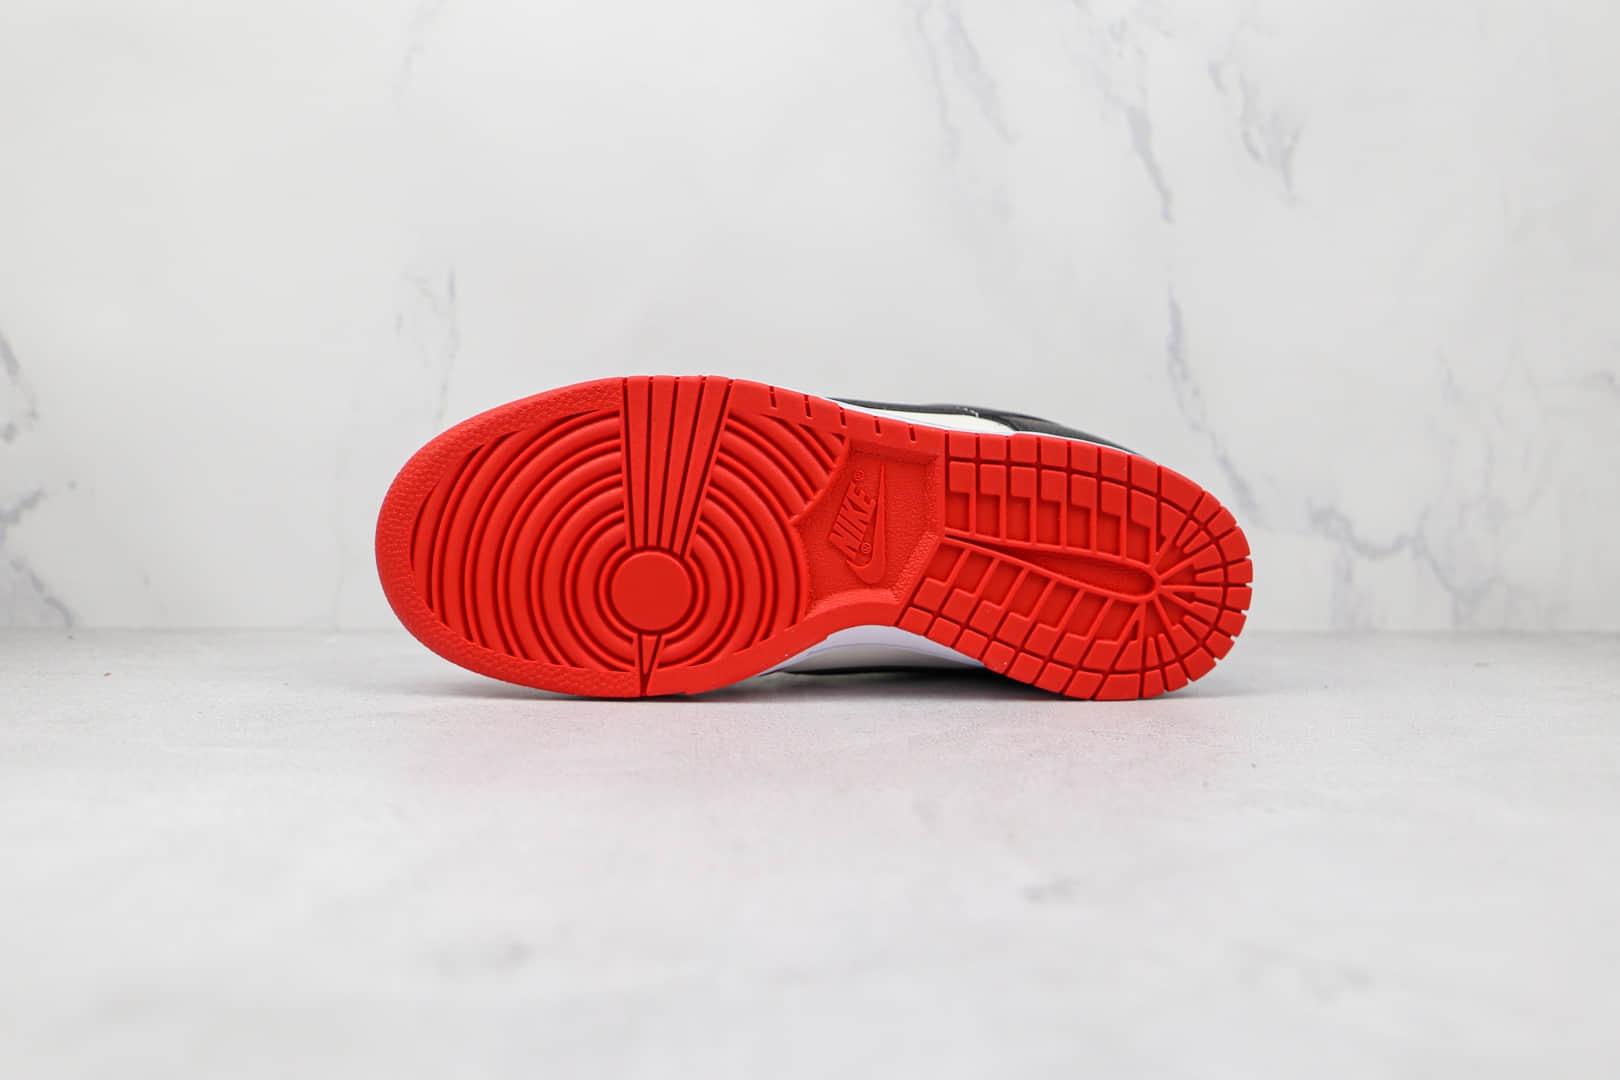 耐克Nike Dunk Low EMB x NBA联名款纯原版本低帮DUNK白红黑芝加哥公牛配色板鞋原盒原标 货号:DD3363-100